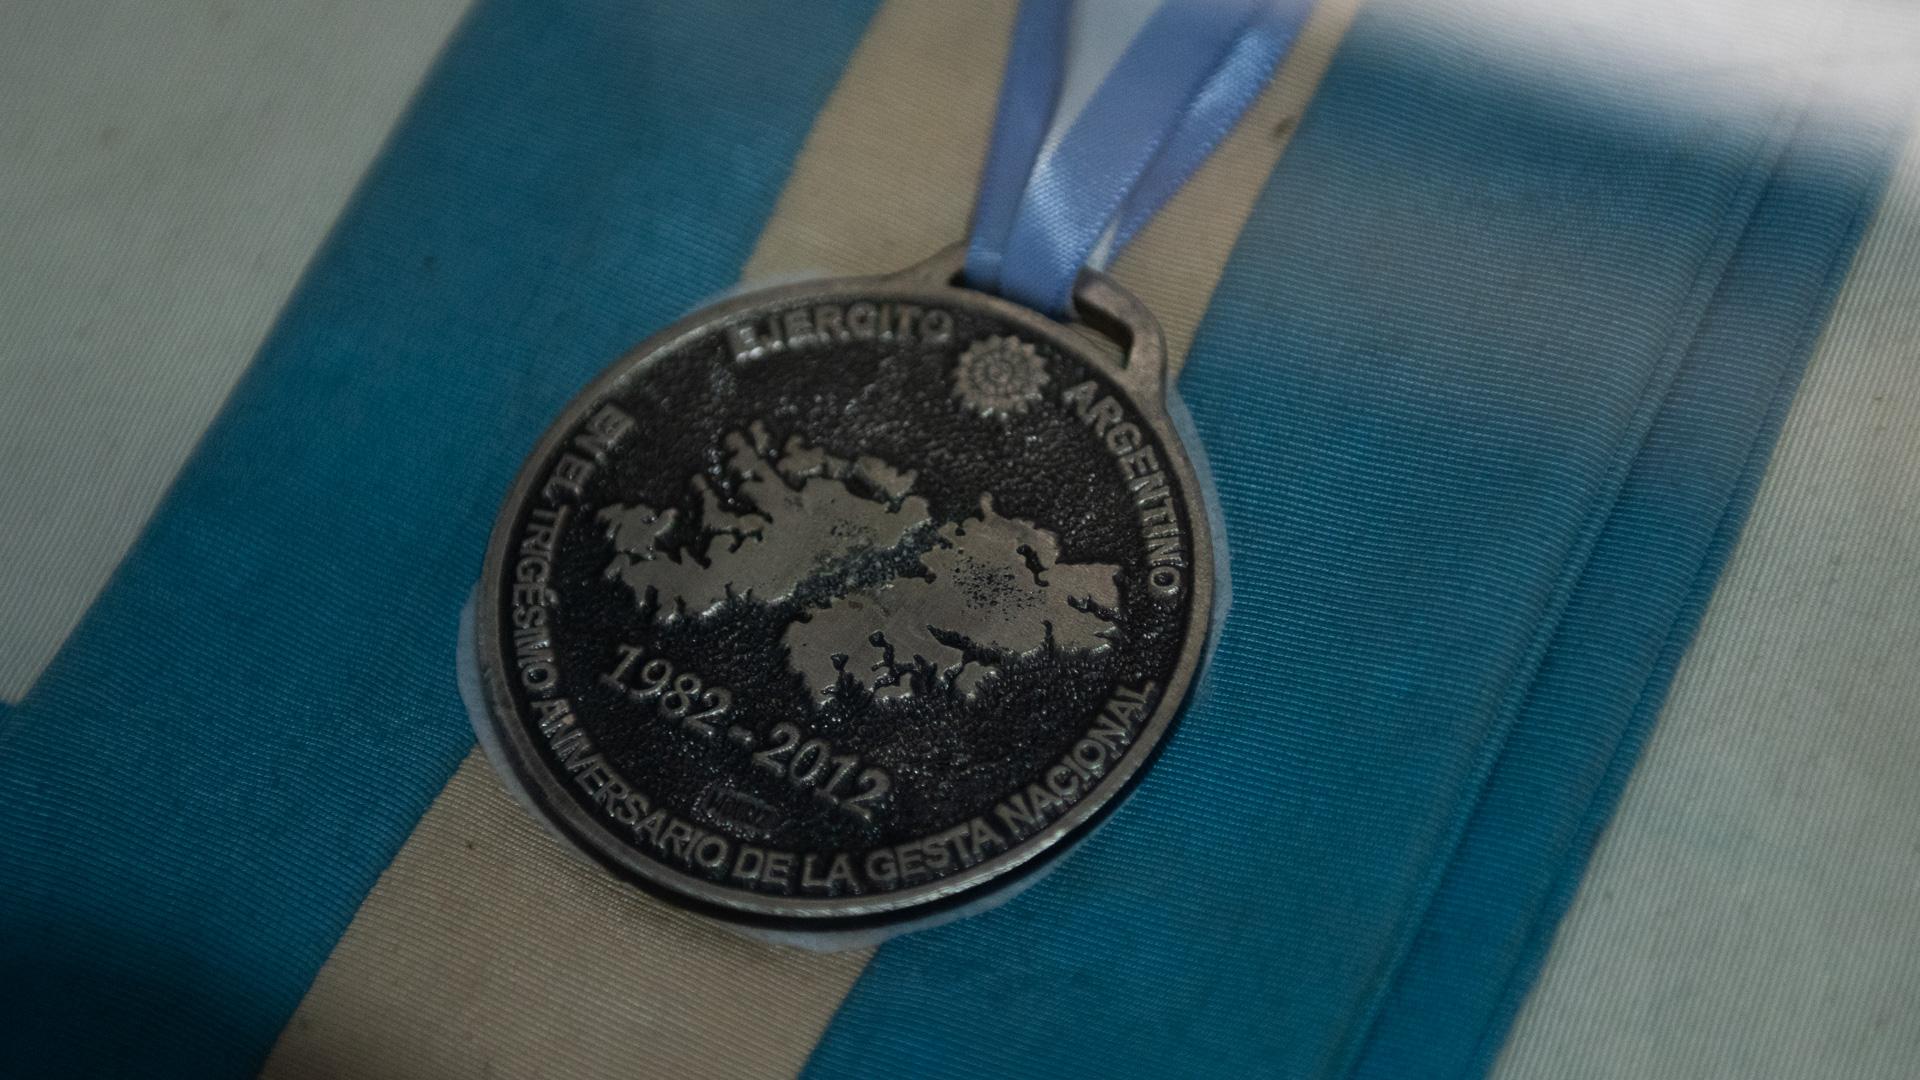 Detalle de una medalla conmemorativa al cumplirse el trigésimo aniversario de la guerra de Malvinas